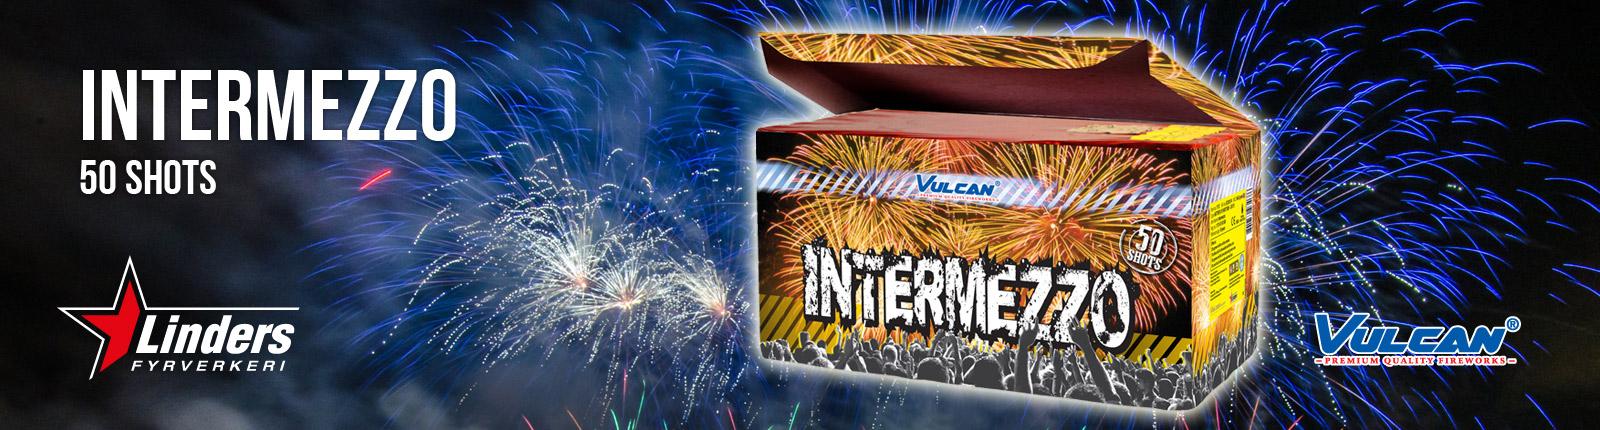 Kampanjpris på Intermezzo